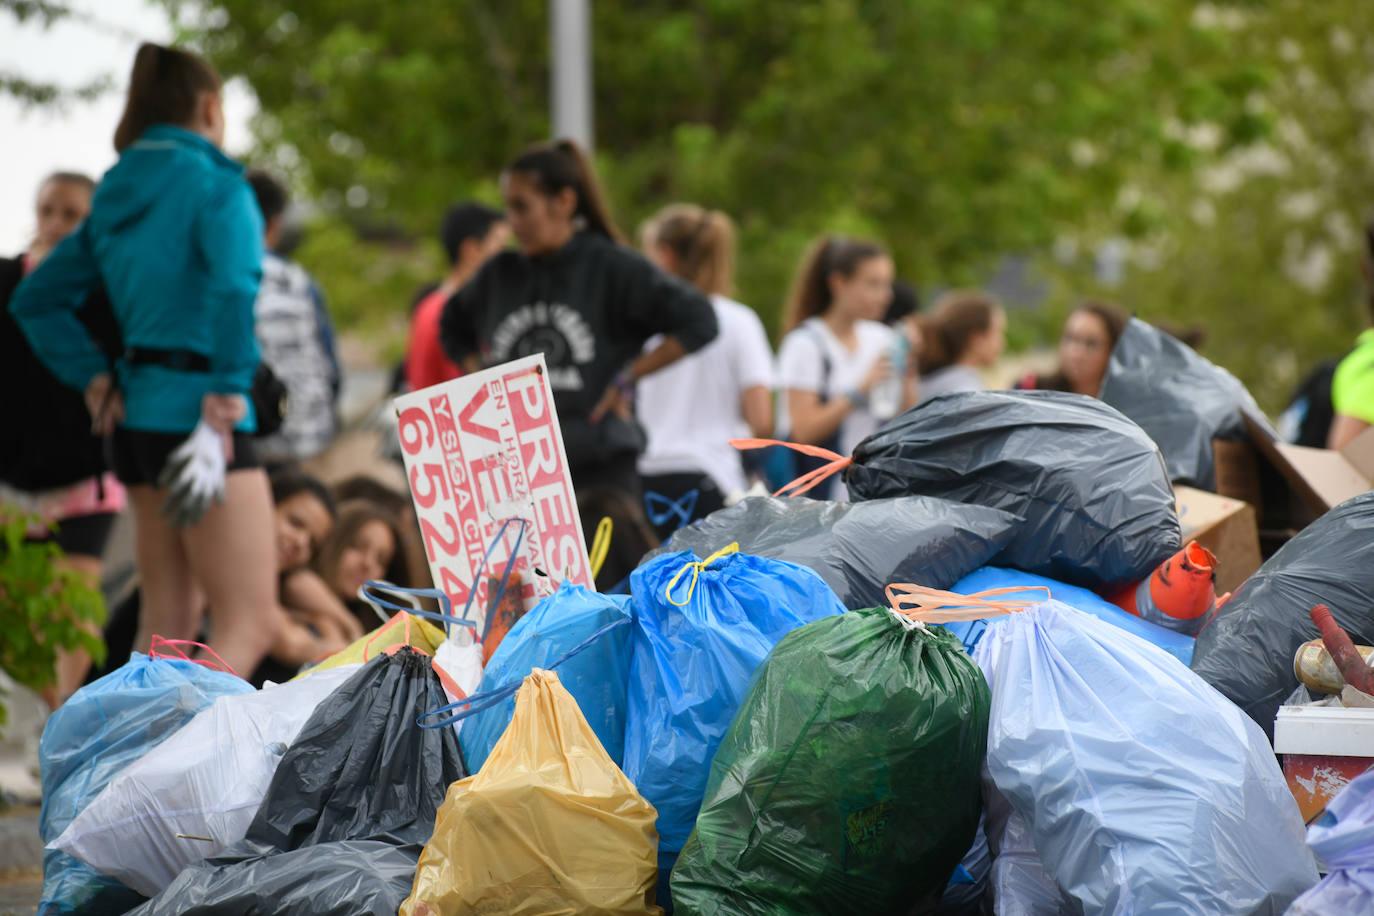 Más de 50 jóvenes limpian el barrio de Parquesol, en Valladolid